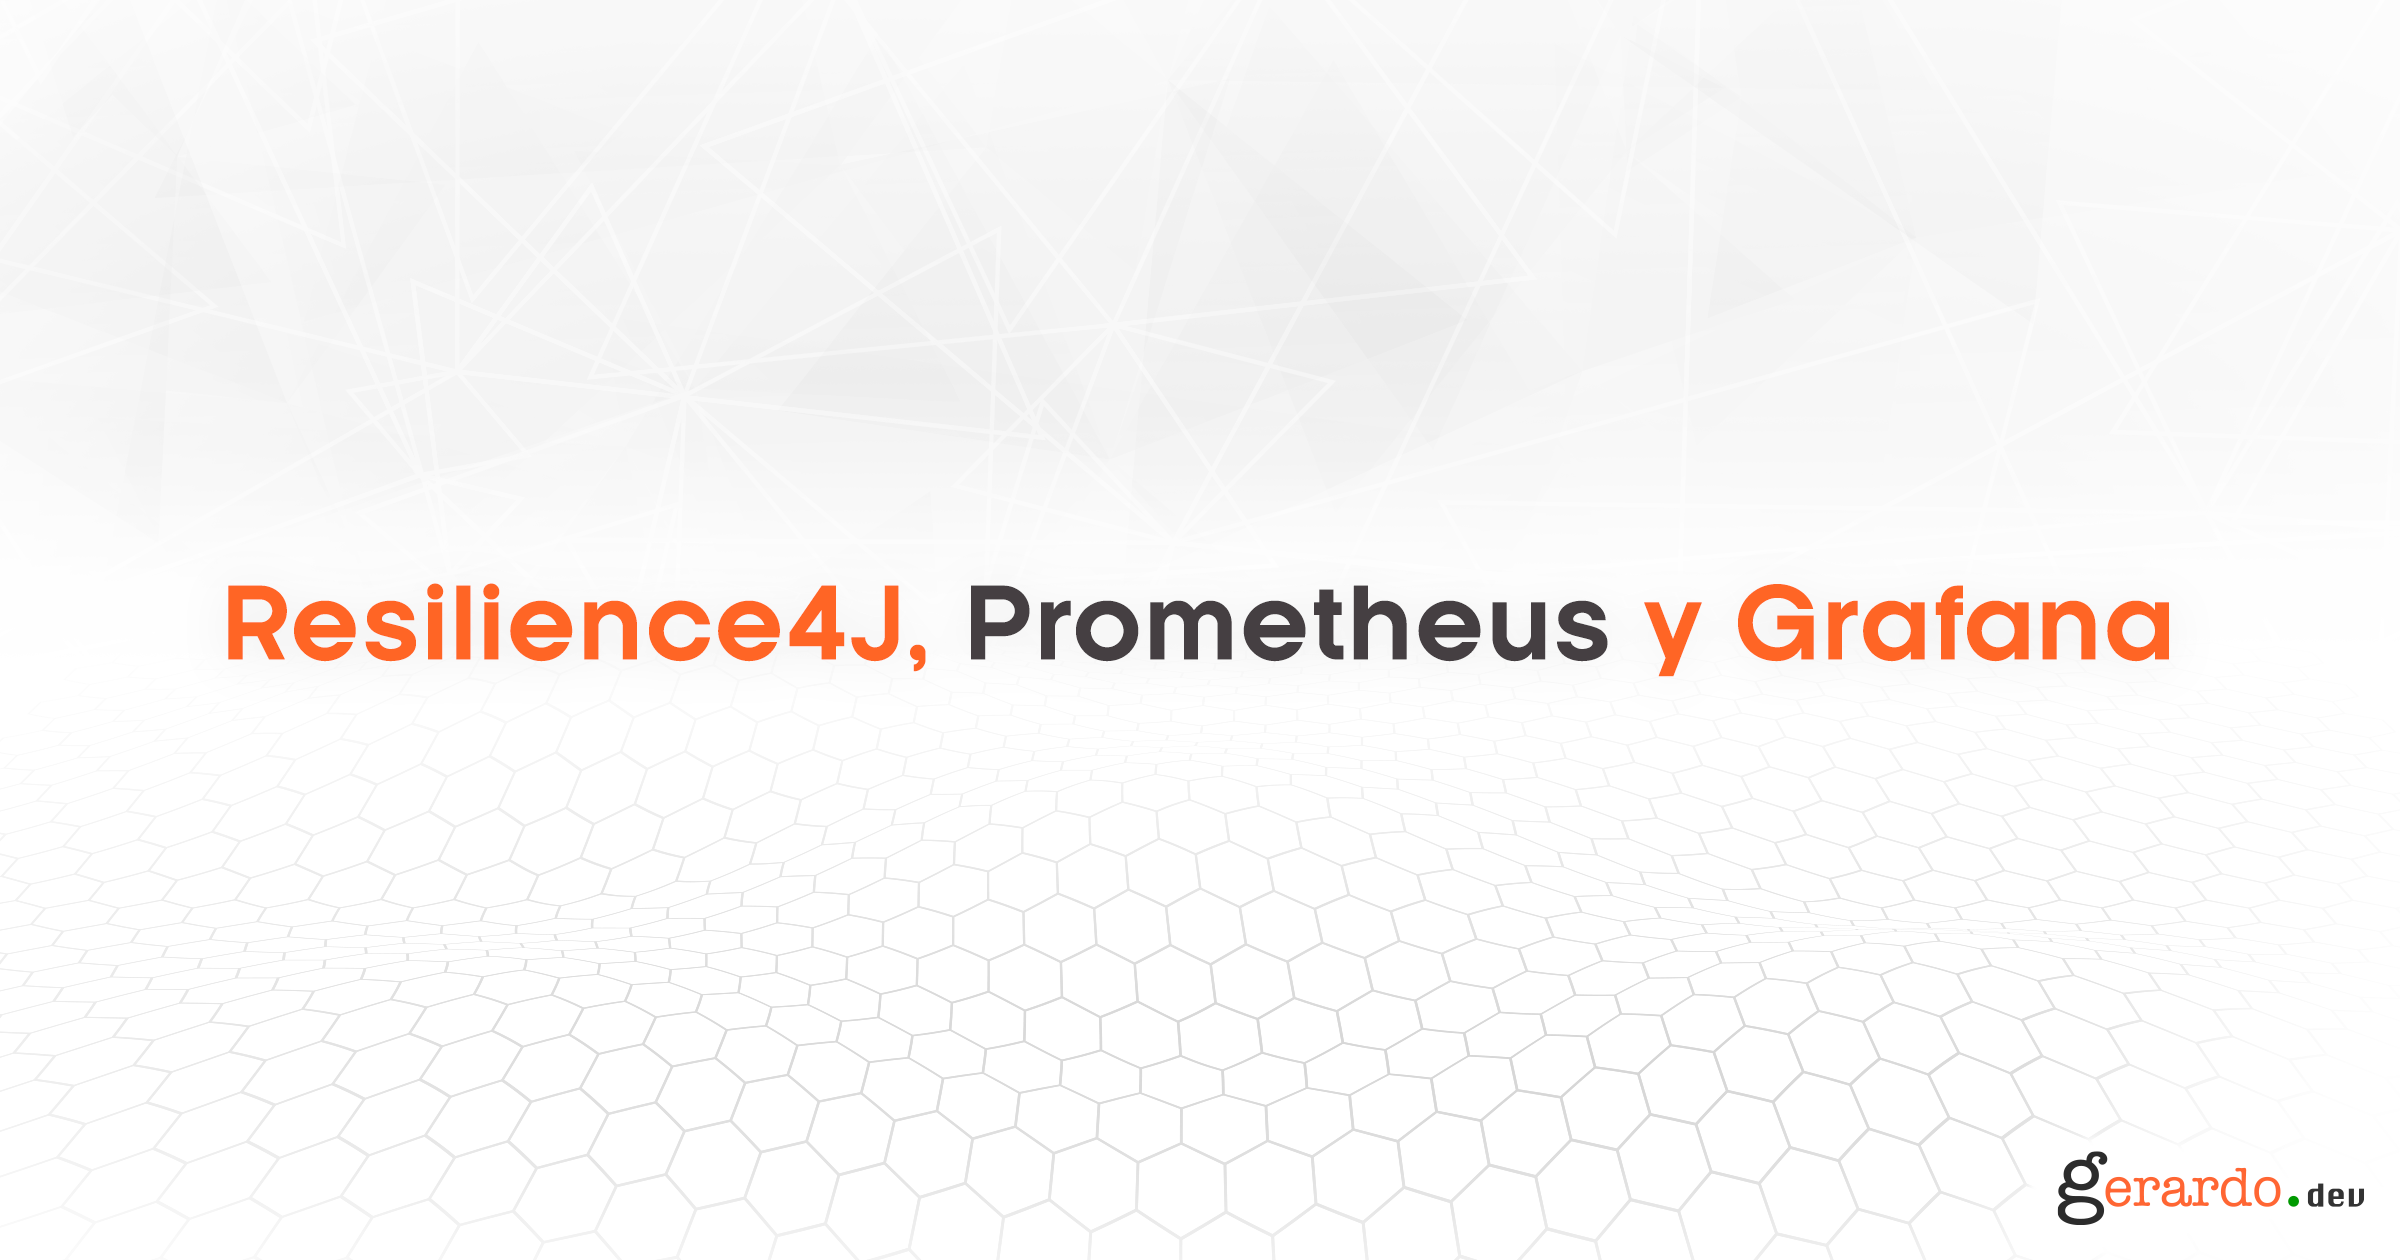 Resilience4J, Prometheus y Grafana